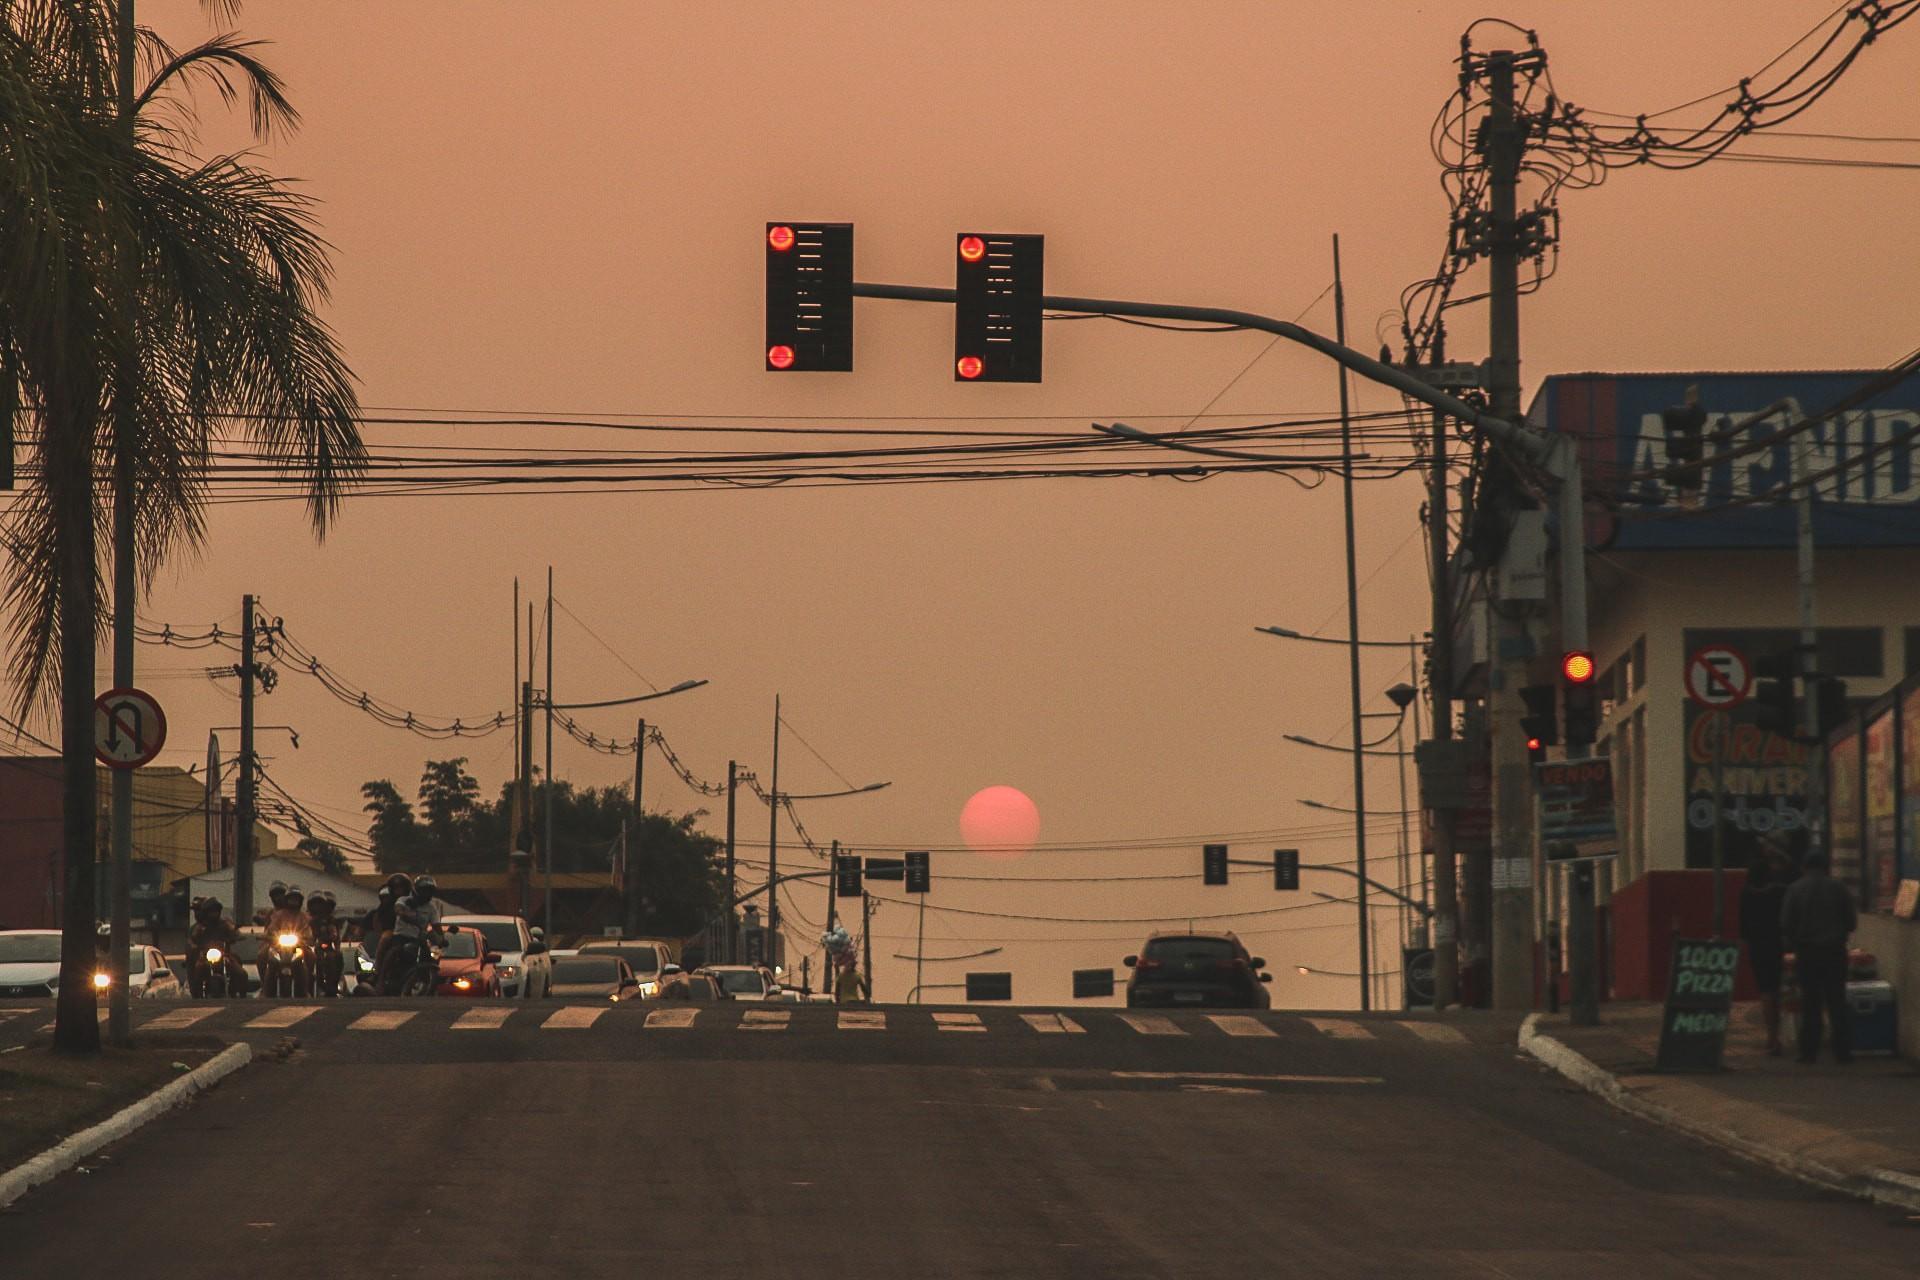 Doenças respiratórias, fumaça e animais mortos: veja o resultado das queimadas no Acre - Notícias - Plantão Diário